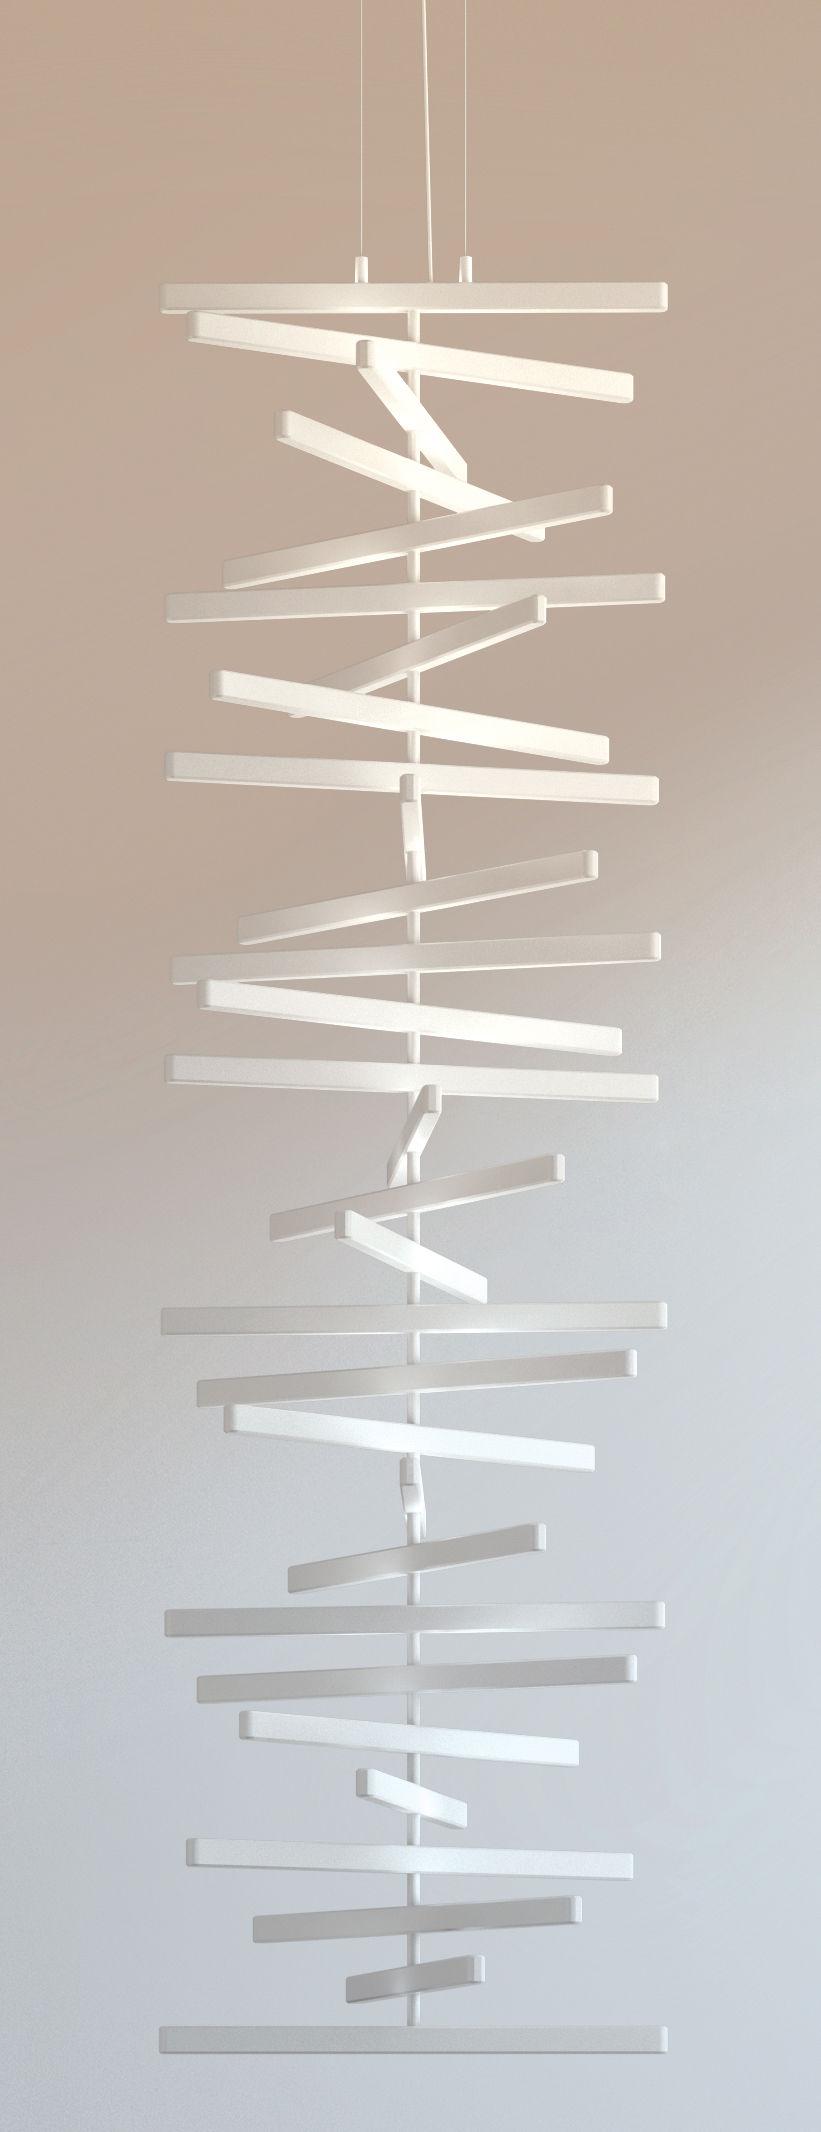 Illuminazione - Lampadari - Sospensione Rhythm - LED / H 163 x L 47 cm di Vibia - L 47 cm / Bianco - policarbonato